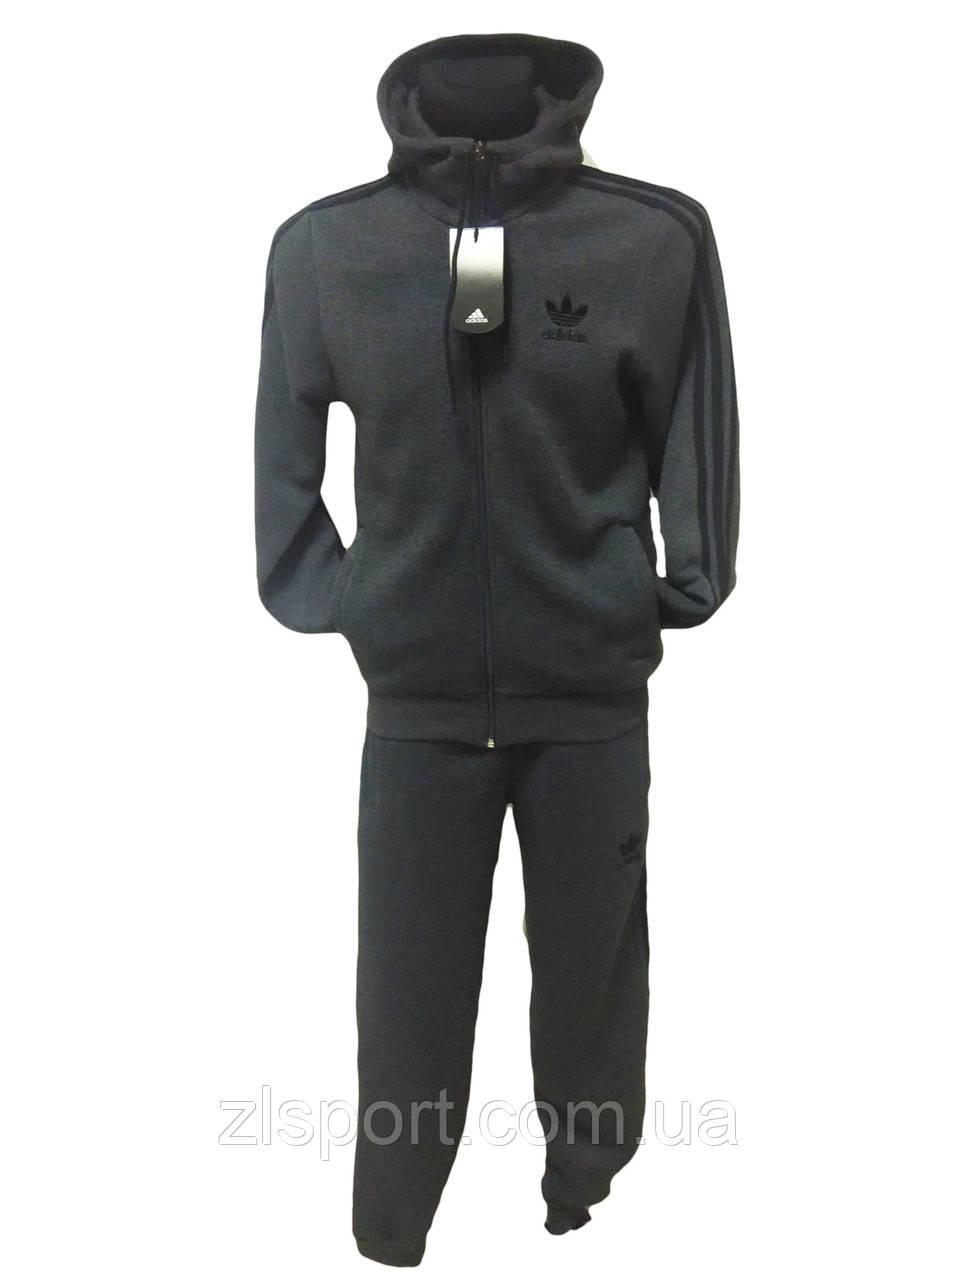 05f34997 Мужской зимний спортивный костюм Adidas Турция - Интернет магазин спортивной  одежды